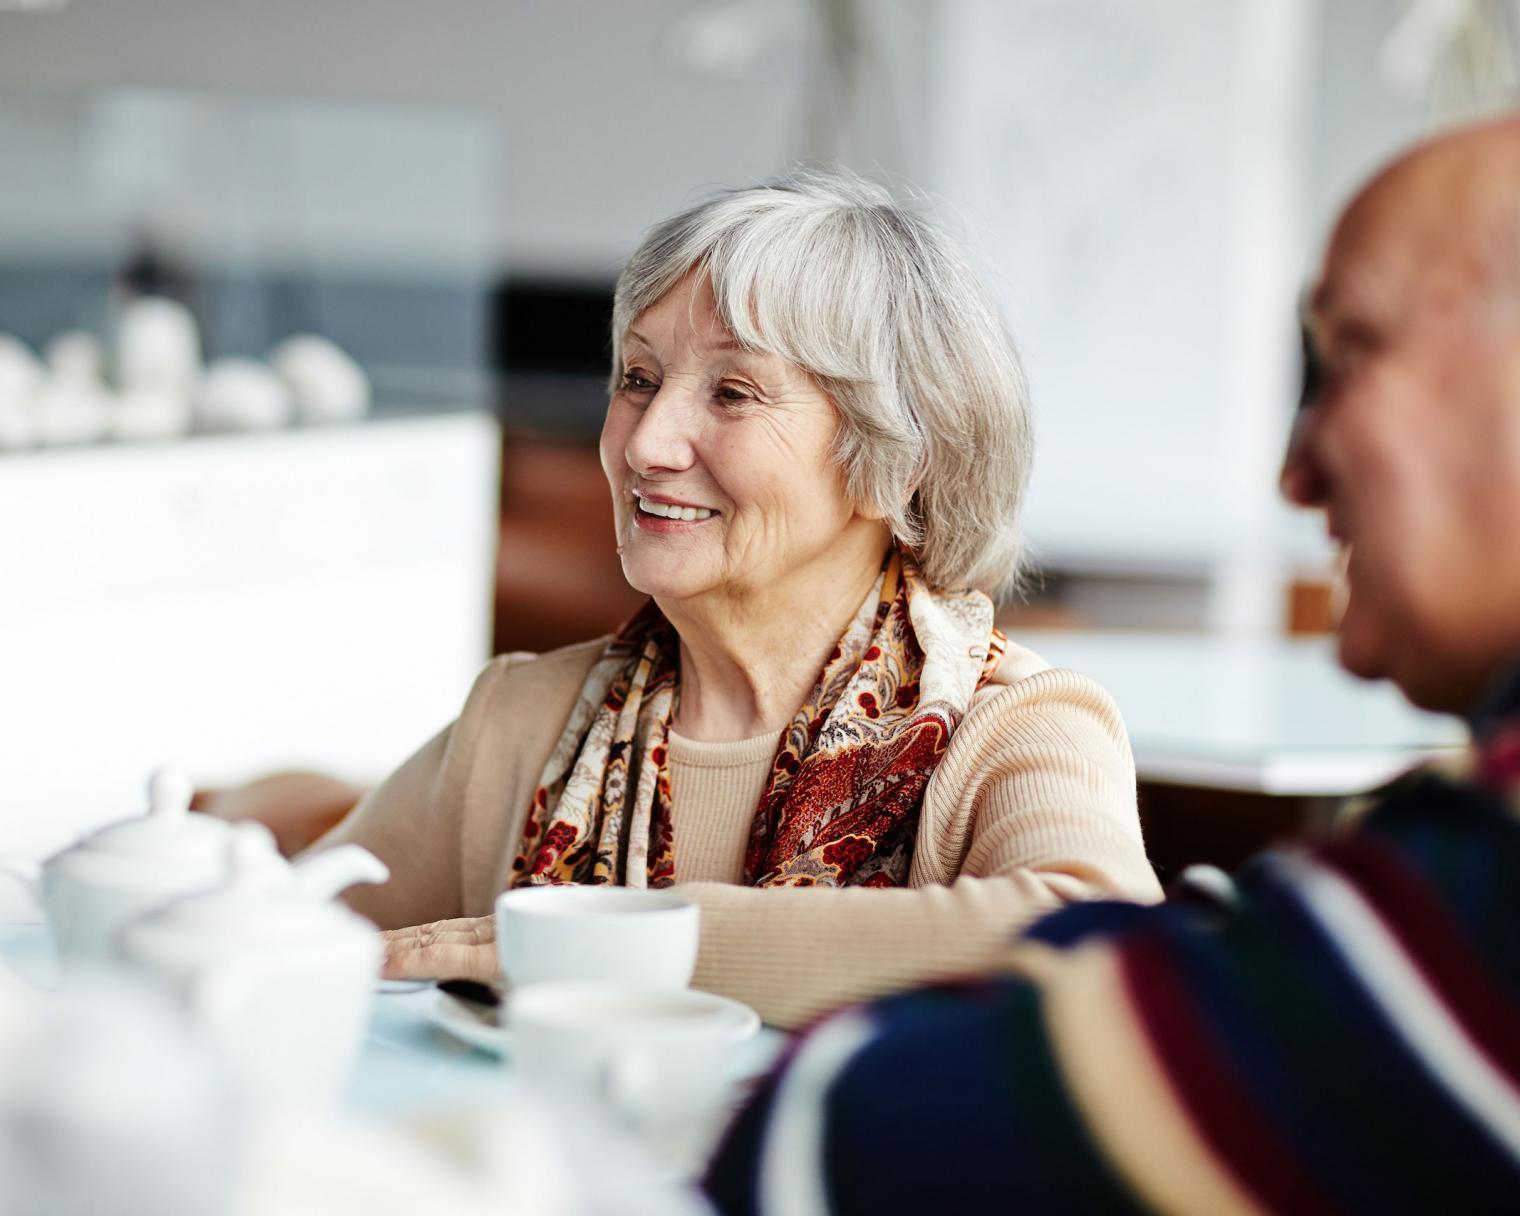 Seniorengruppe im Gespräch